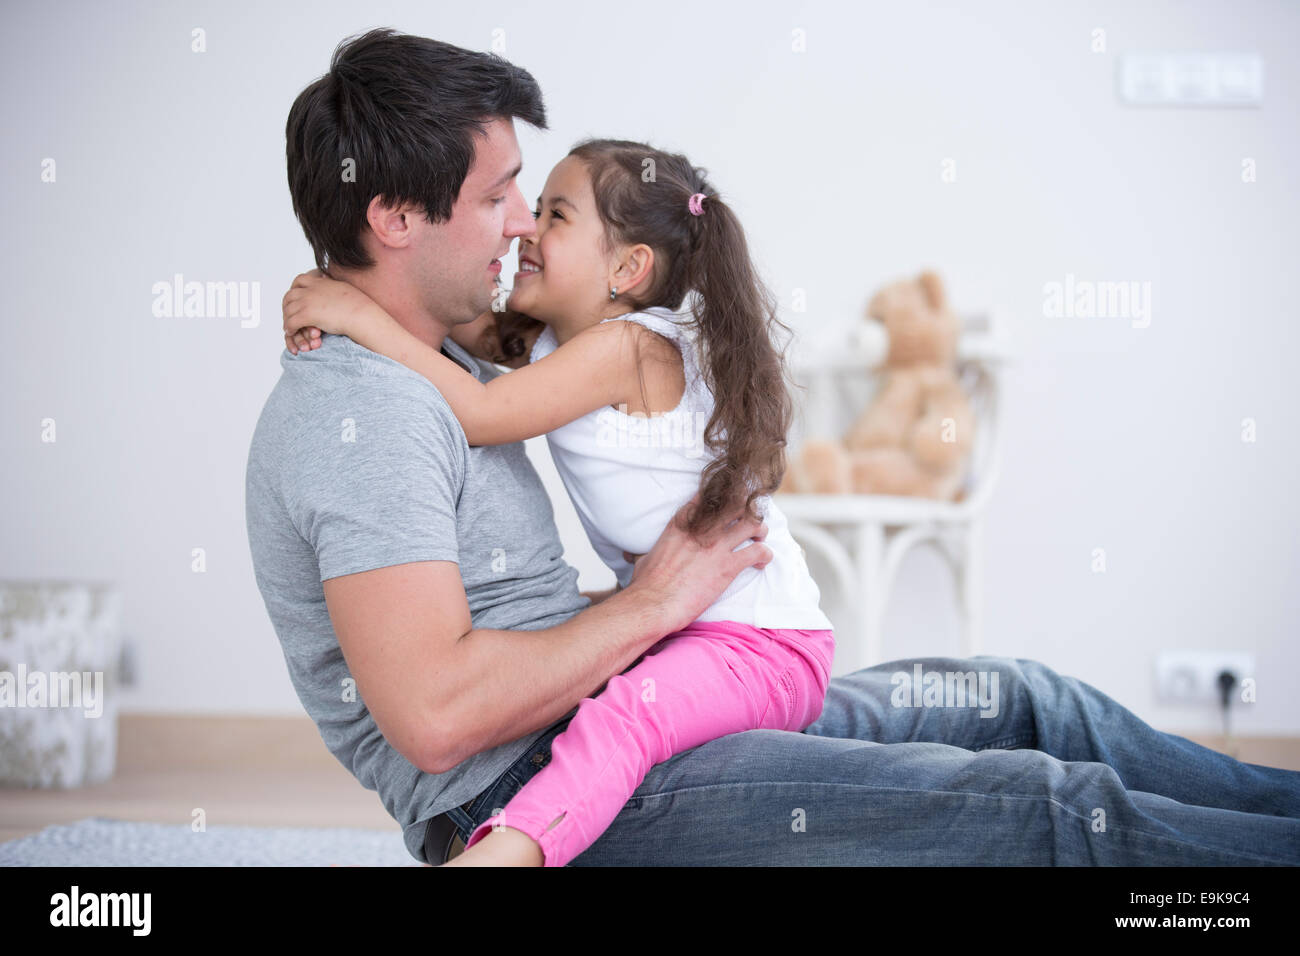 Vista laterale del padre e figlia trascorrere del tempo di qualità a casa Immagini Stock